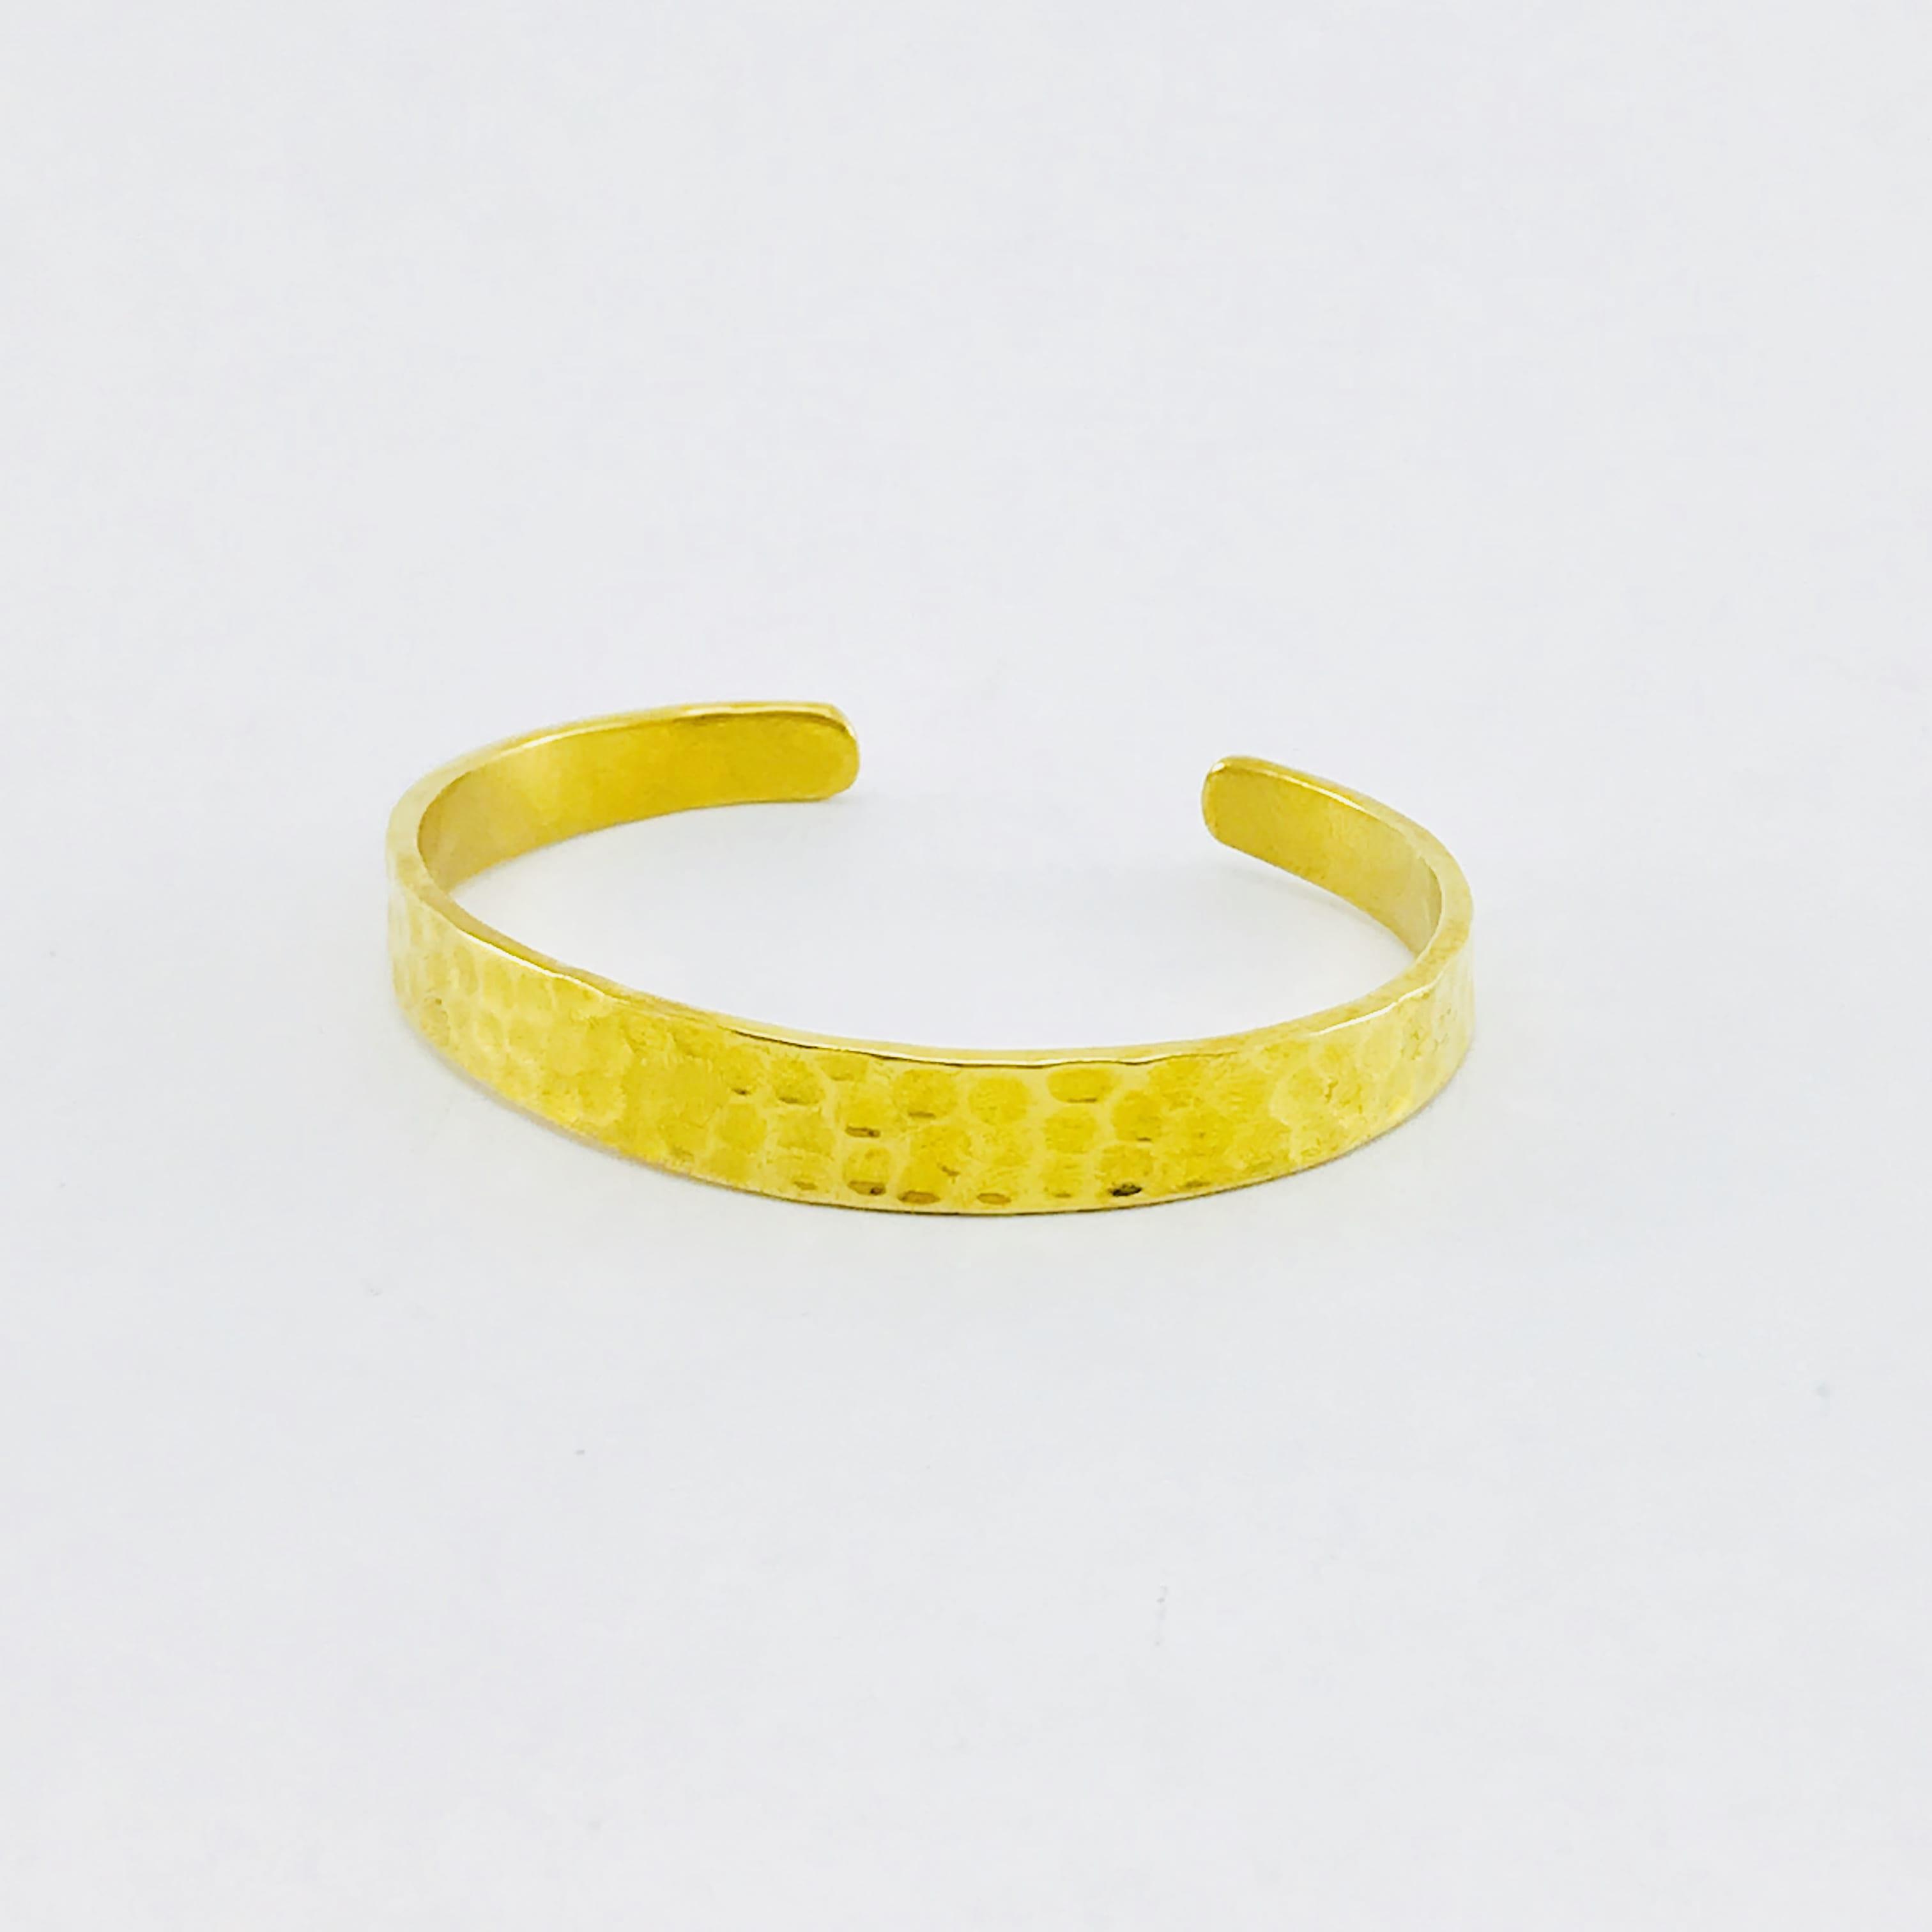 Le Bracelet martelé - laiton recyclé